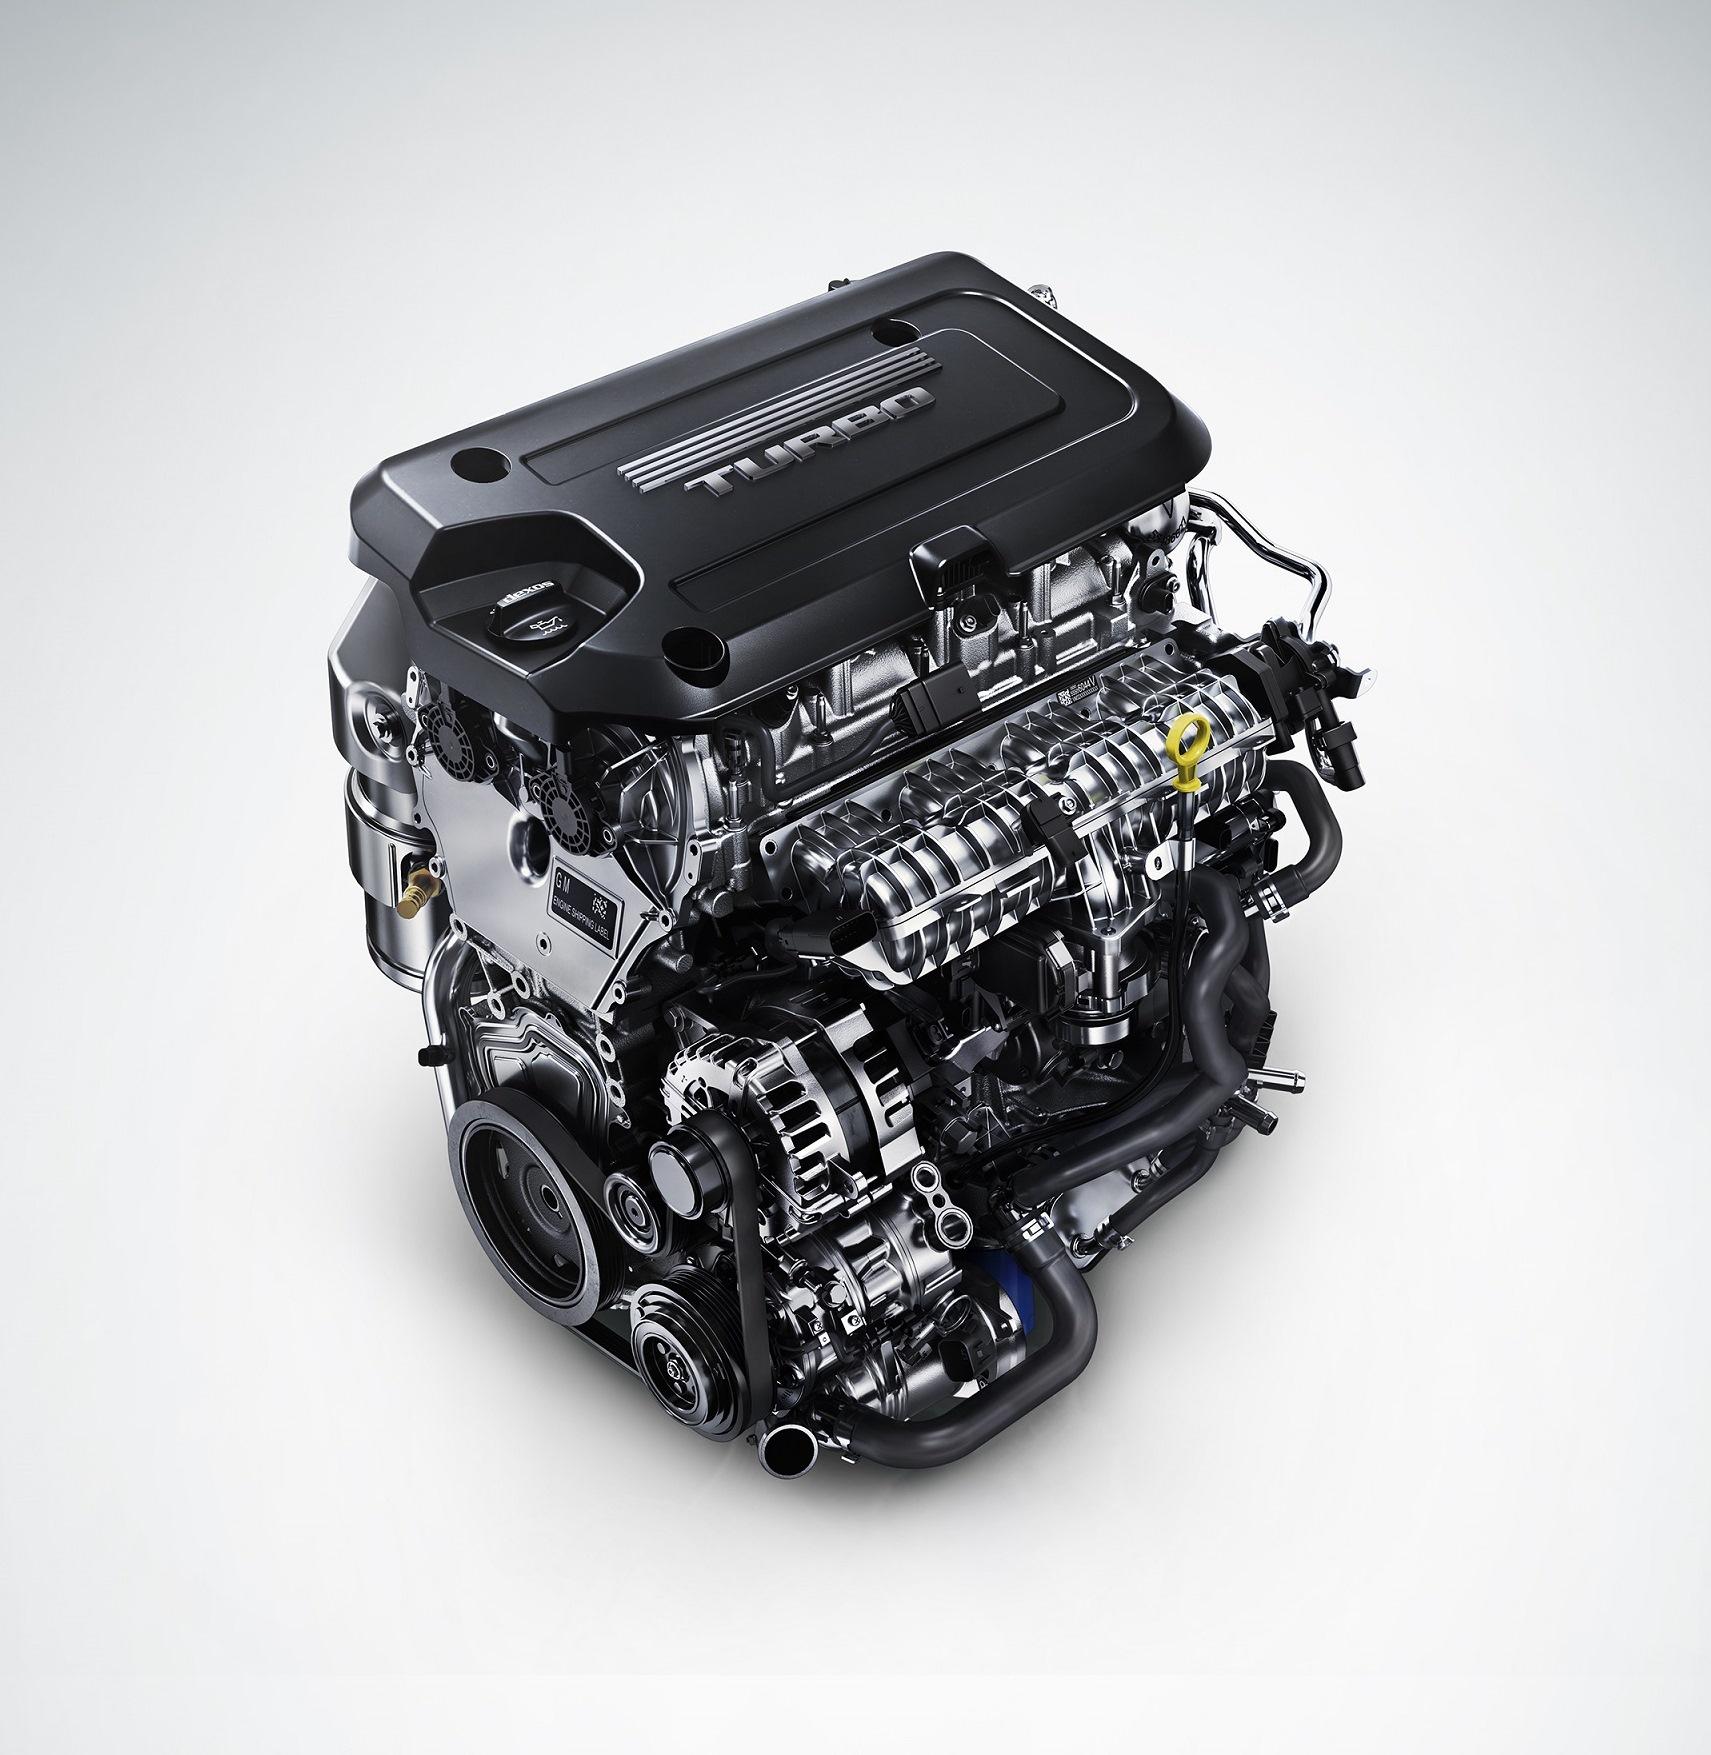 凯迪拉克XT4将率先搭载通用汽车全新一代发动机